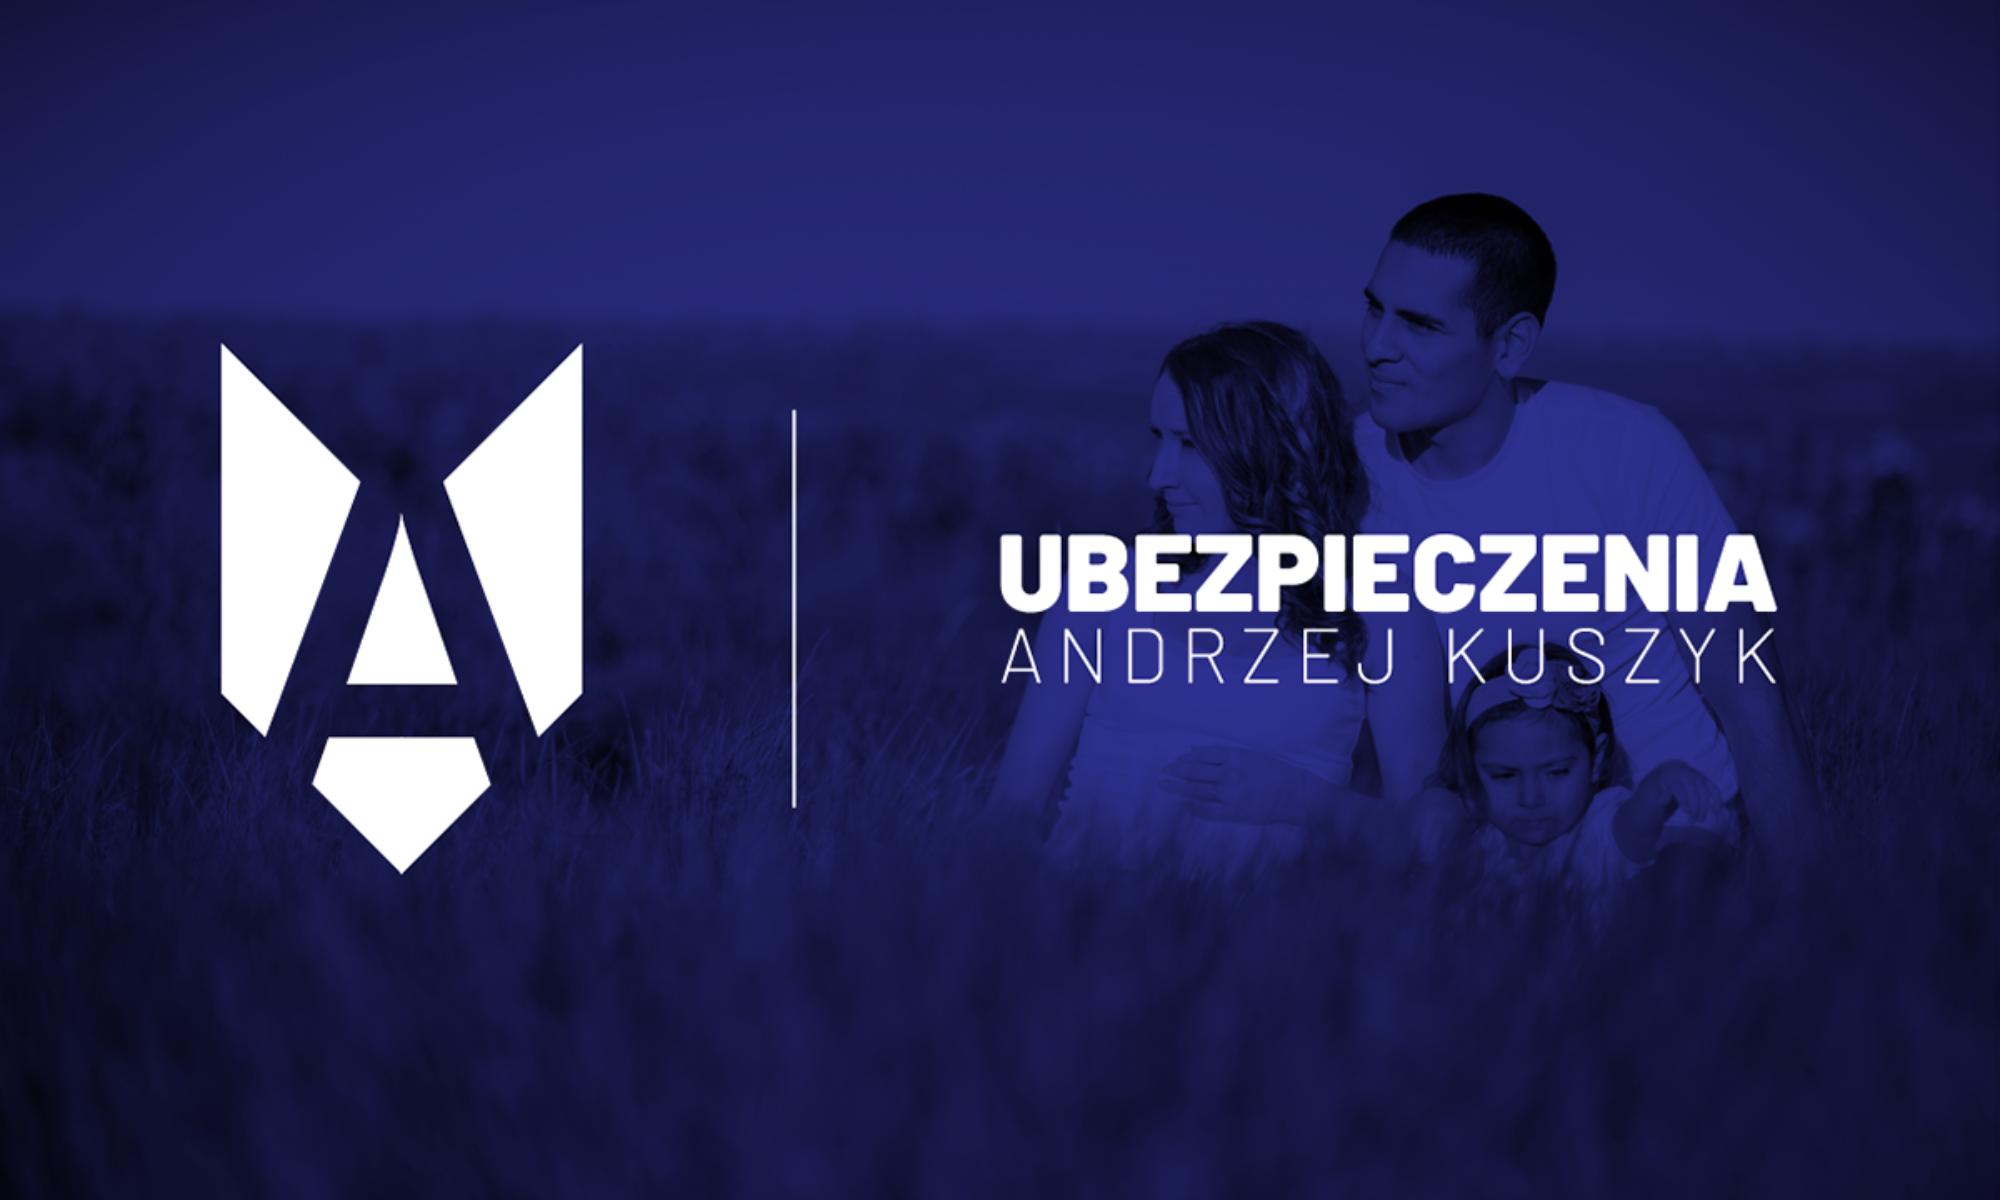 Ubezpieczenia Andrzej Kuszyk Puławy